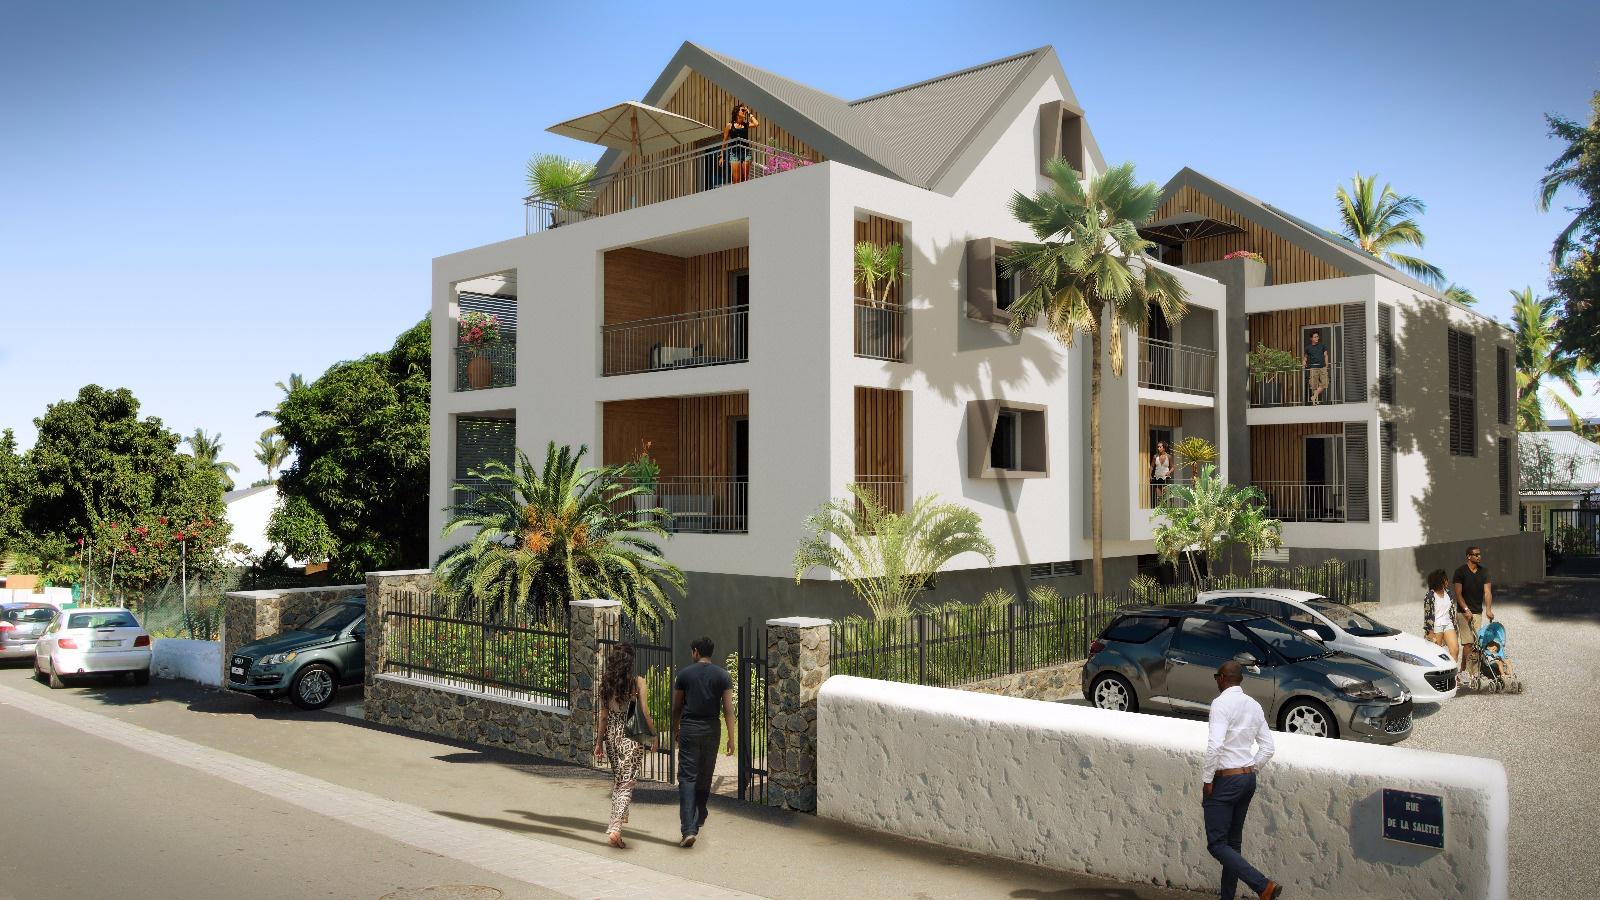 Vente appartement saint leu 3 pi ces 78m 290 000 sur for Assurer un garage hors residence